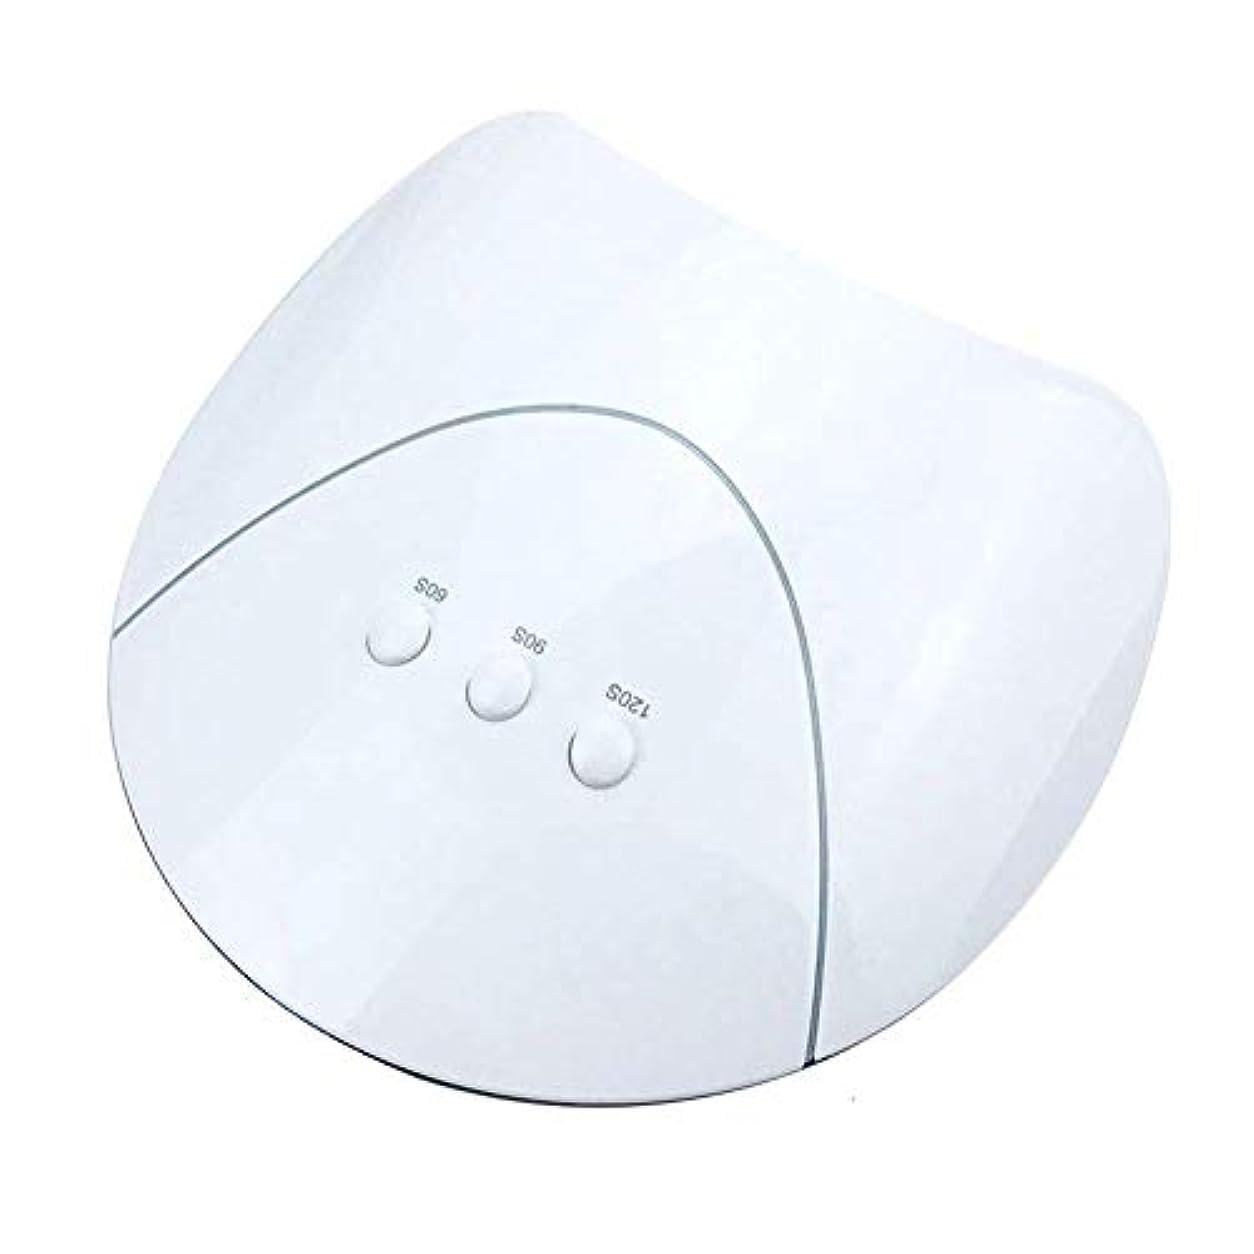 歌手麺データベースネイルドライヤー用ネイルドライヤーランプ36Wネイル用UVドライヤーランプマニキュア乾燥用ネイルポリッシュアイスランプネイルマニキュア機USB充電、写真の色